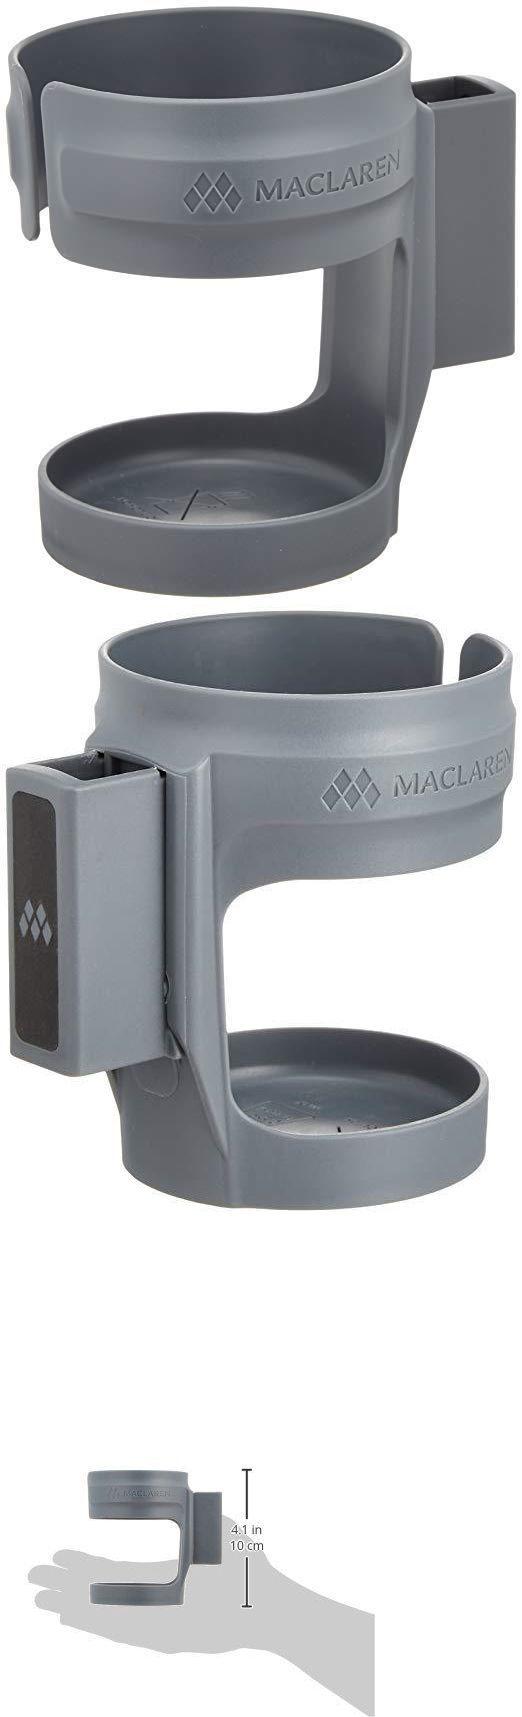 Maclaren Cup Holder Charcoal